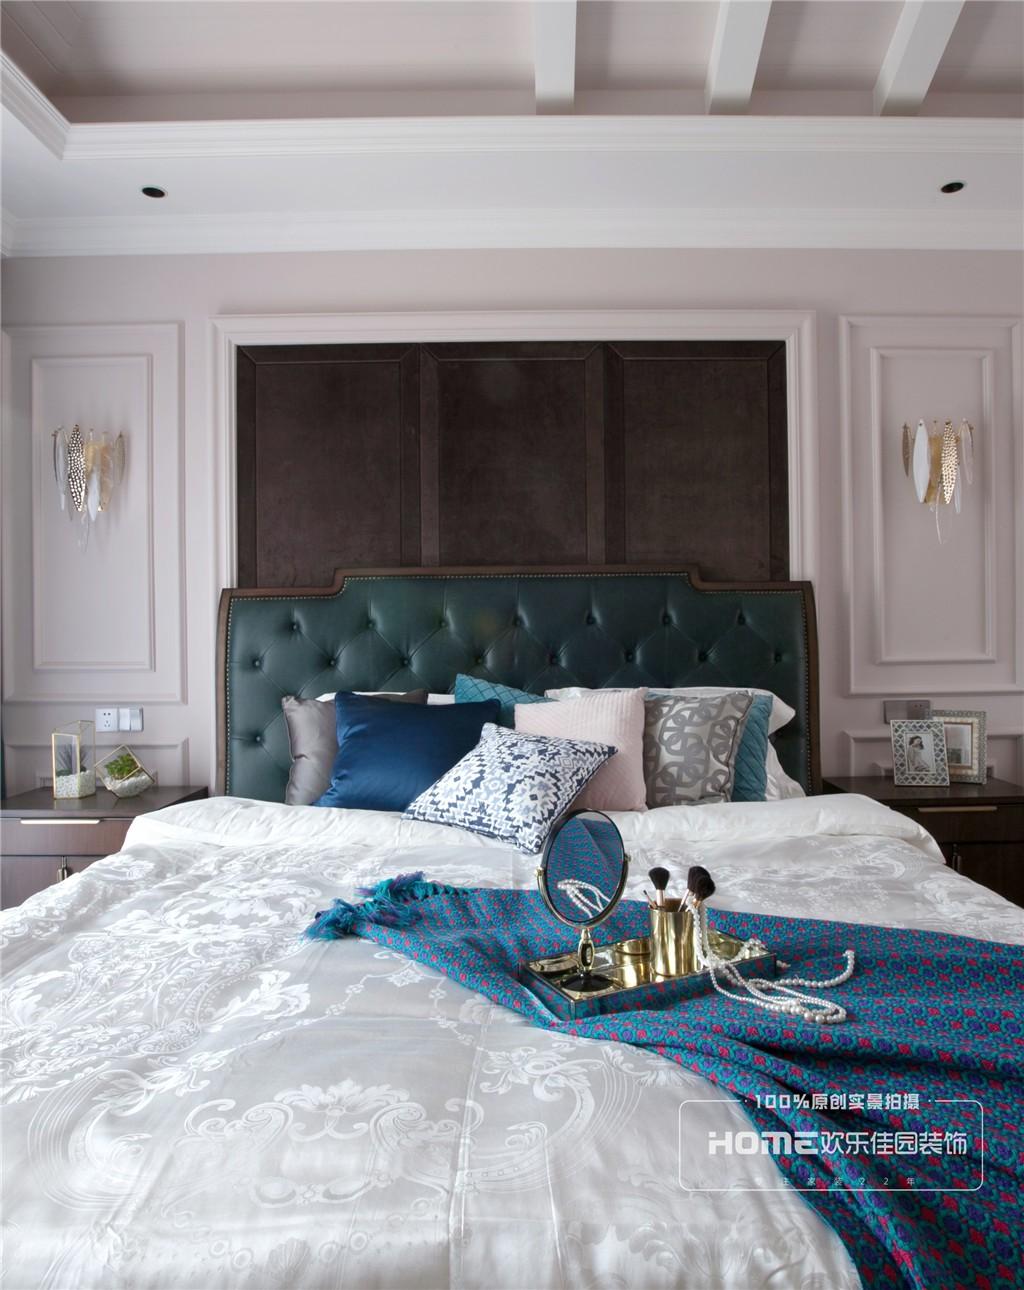 美式遇上轻奢,优雅复古与时尚并存卧室美式经典卧室设计图片赏析